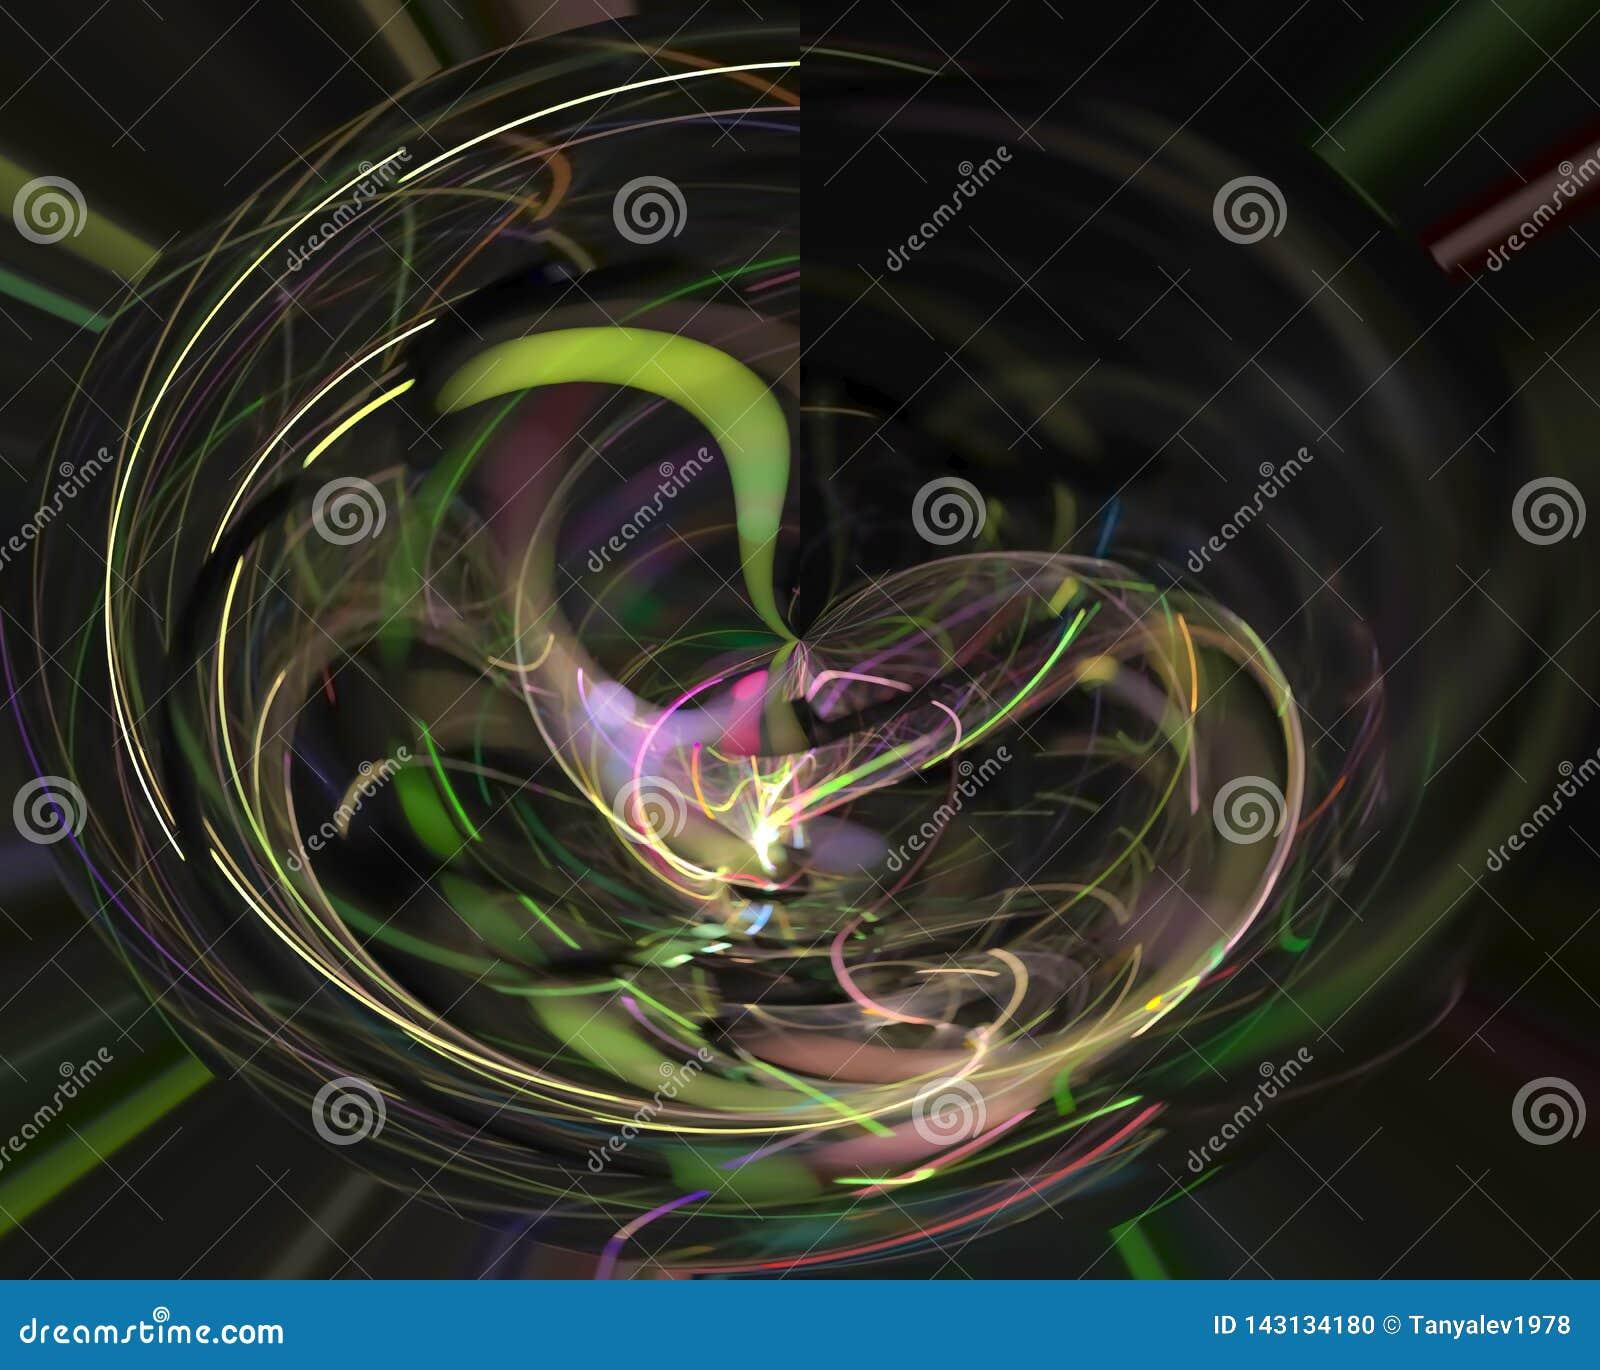 Abstracte digitale creatief fractal, het elementen futuristische artistiek van het vlam decoratieve malplaatje, dynamische elegan